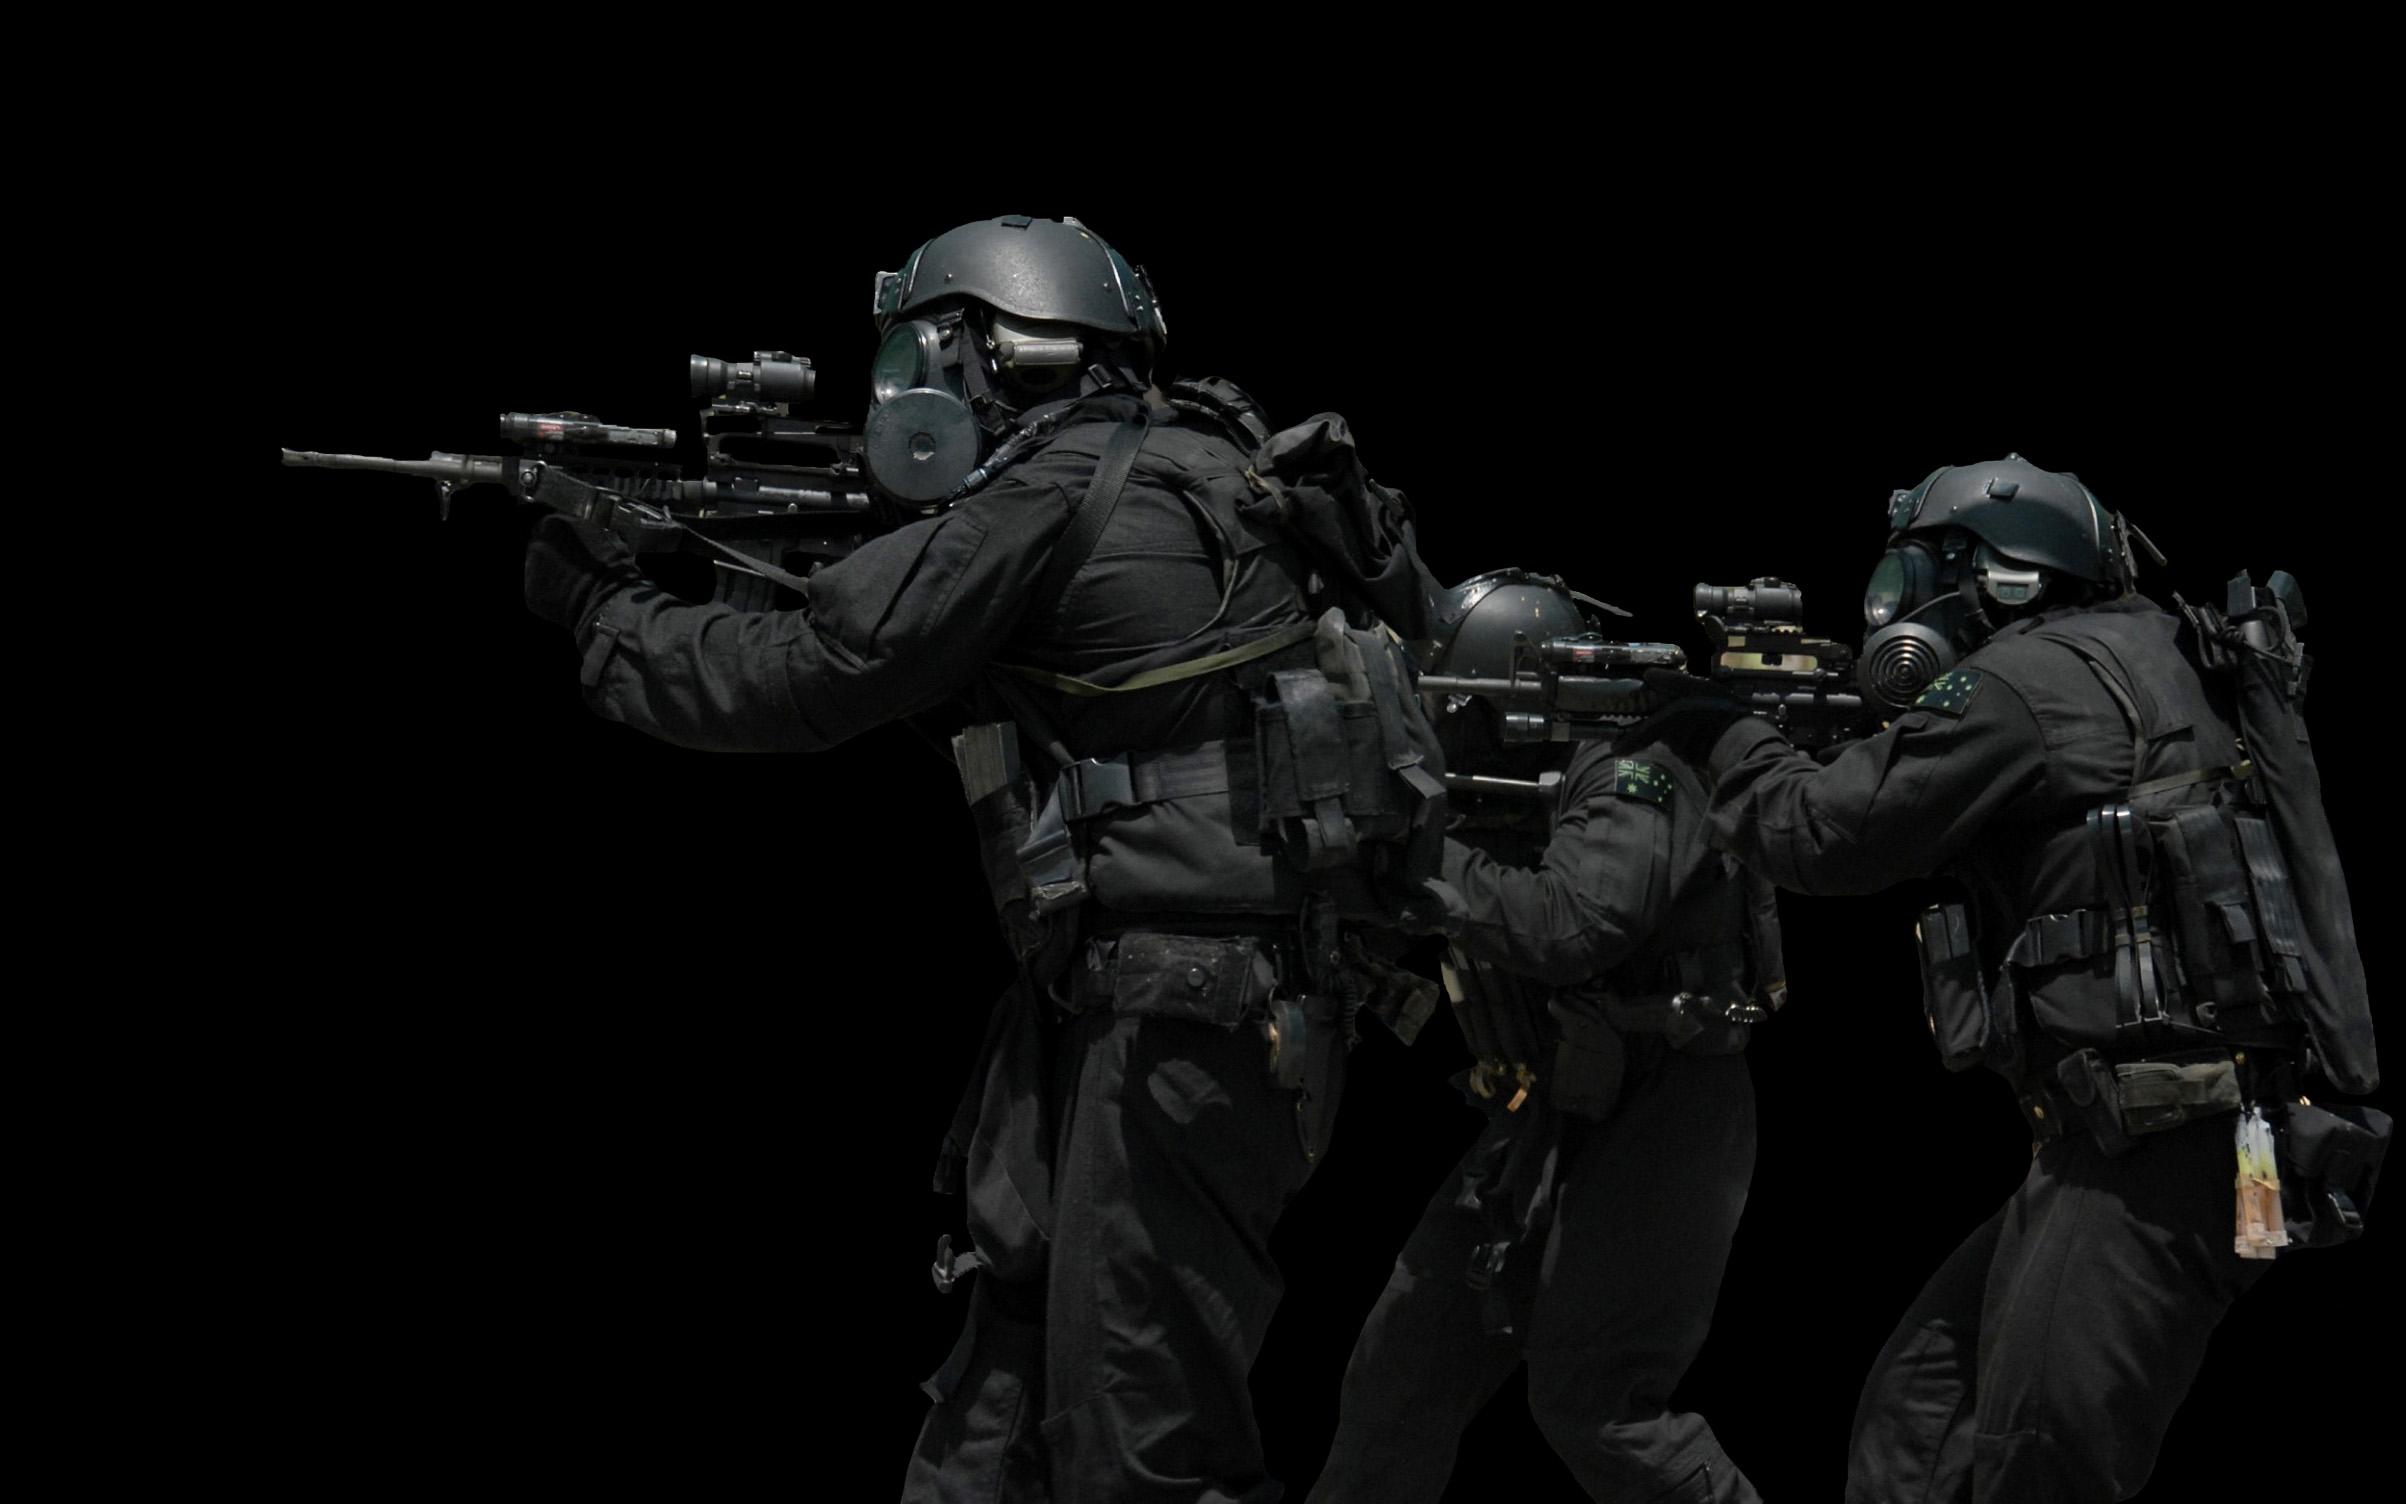 texture Swat wallpaper wallpapers for desktop SWAT police 2406x1504